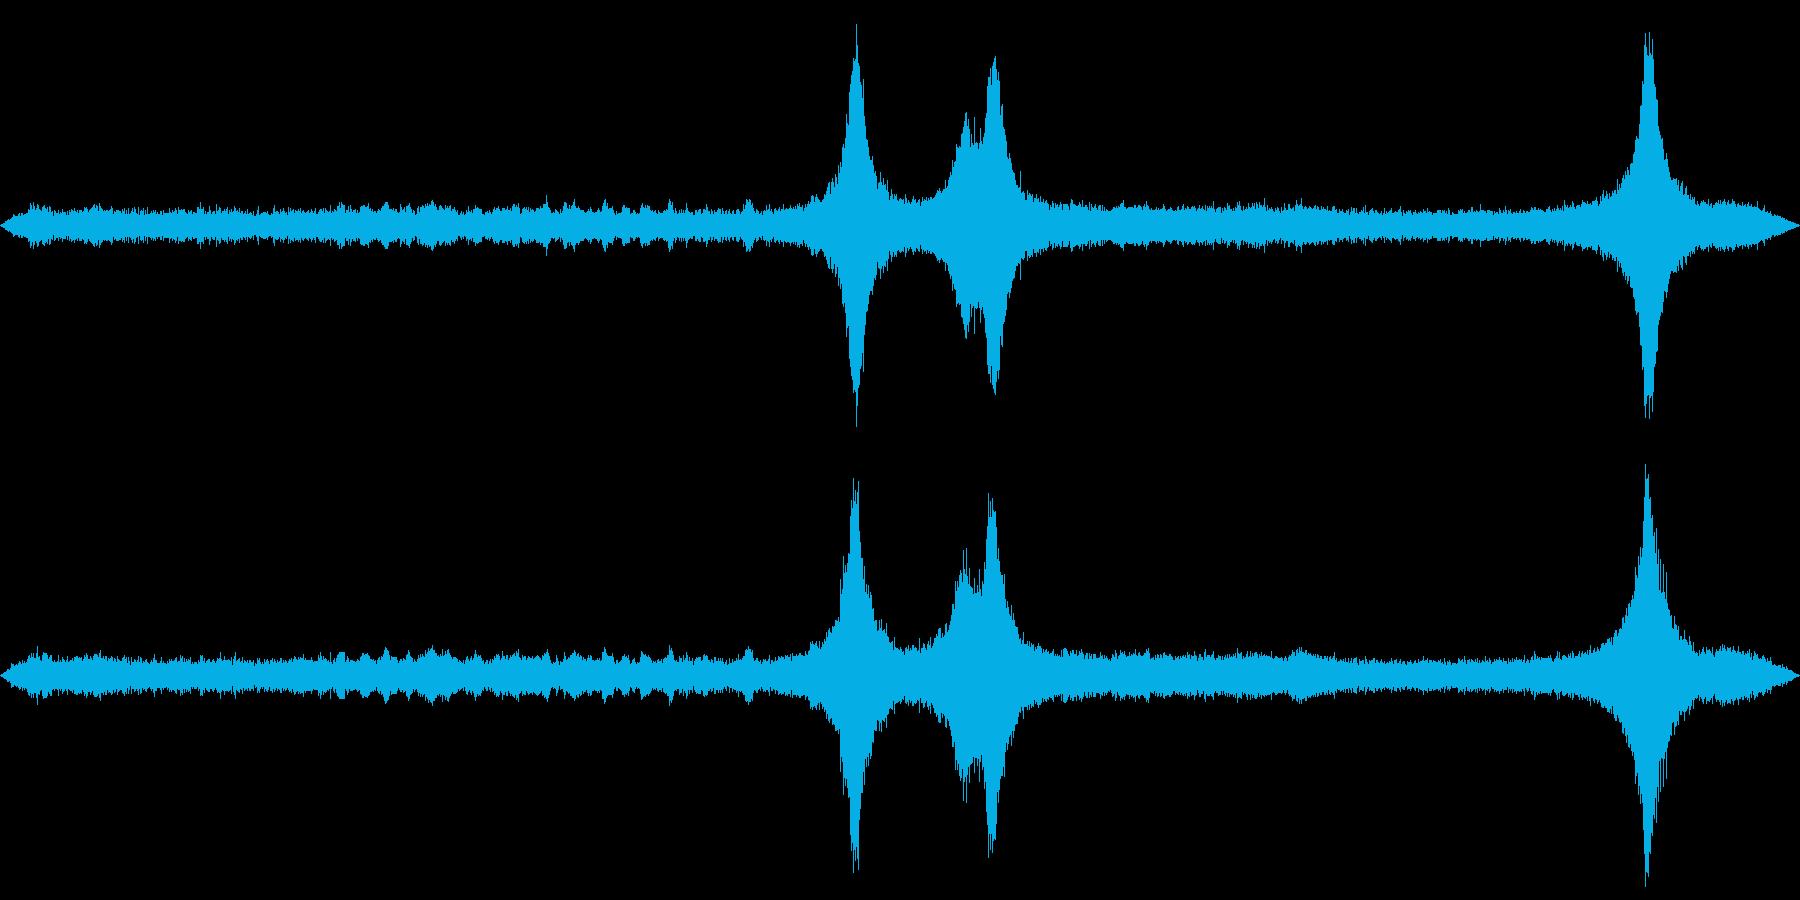 商店街の街角でバイノーラル録音を行いま…の再生済みの波形